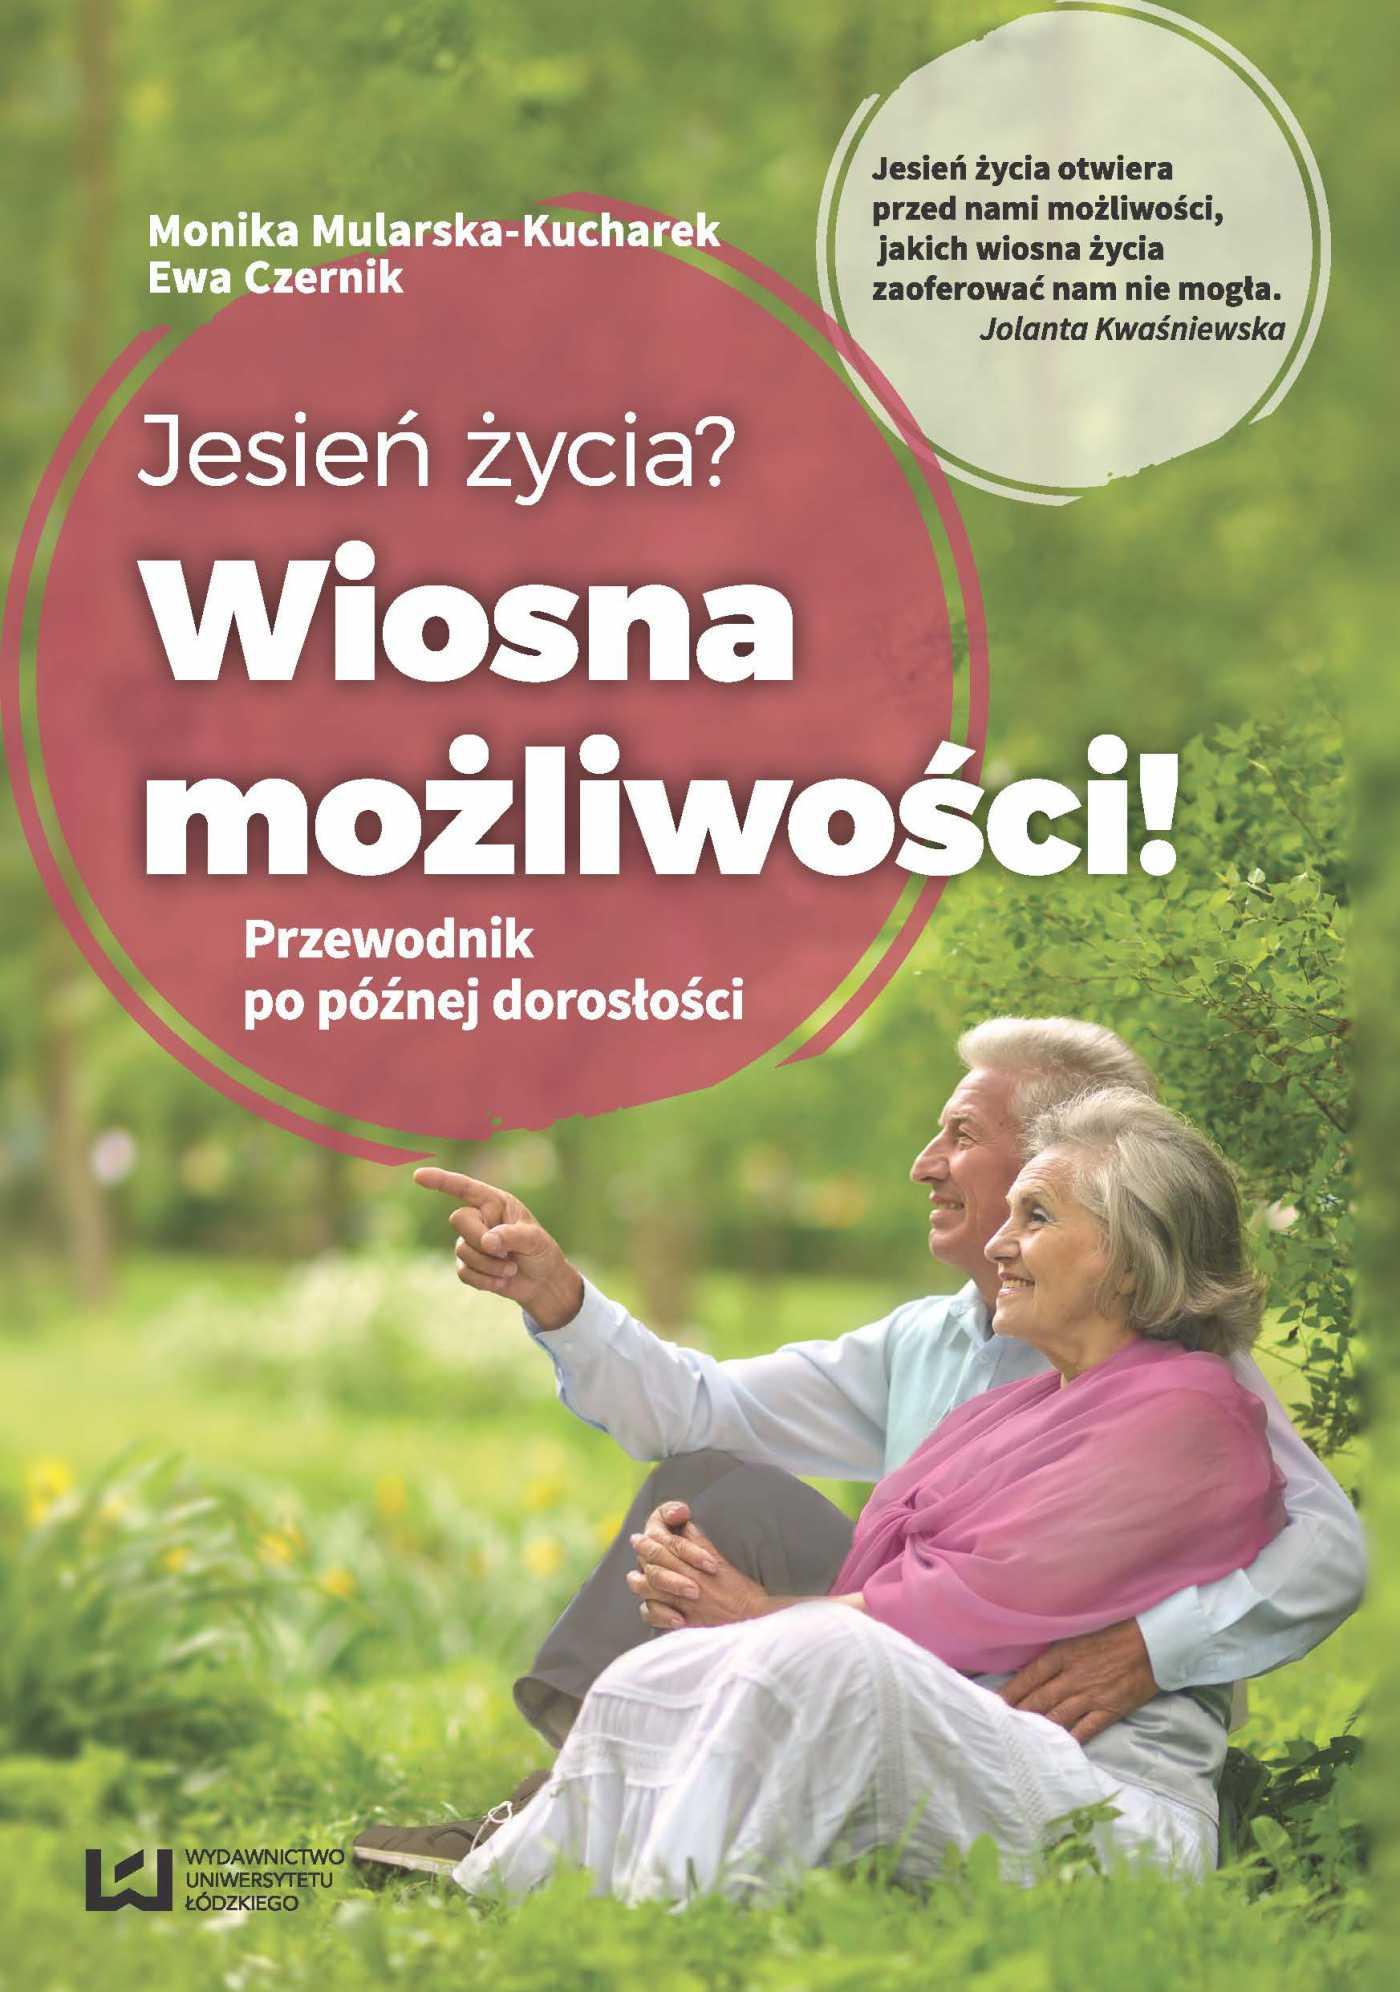 Jesień życia? Wiosna możliwości! Przewodnik po późnej dorosłości - Ebook (Książka na Kindle) do pobrania w formacie MOBI